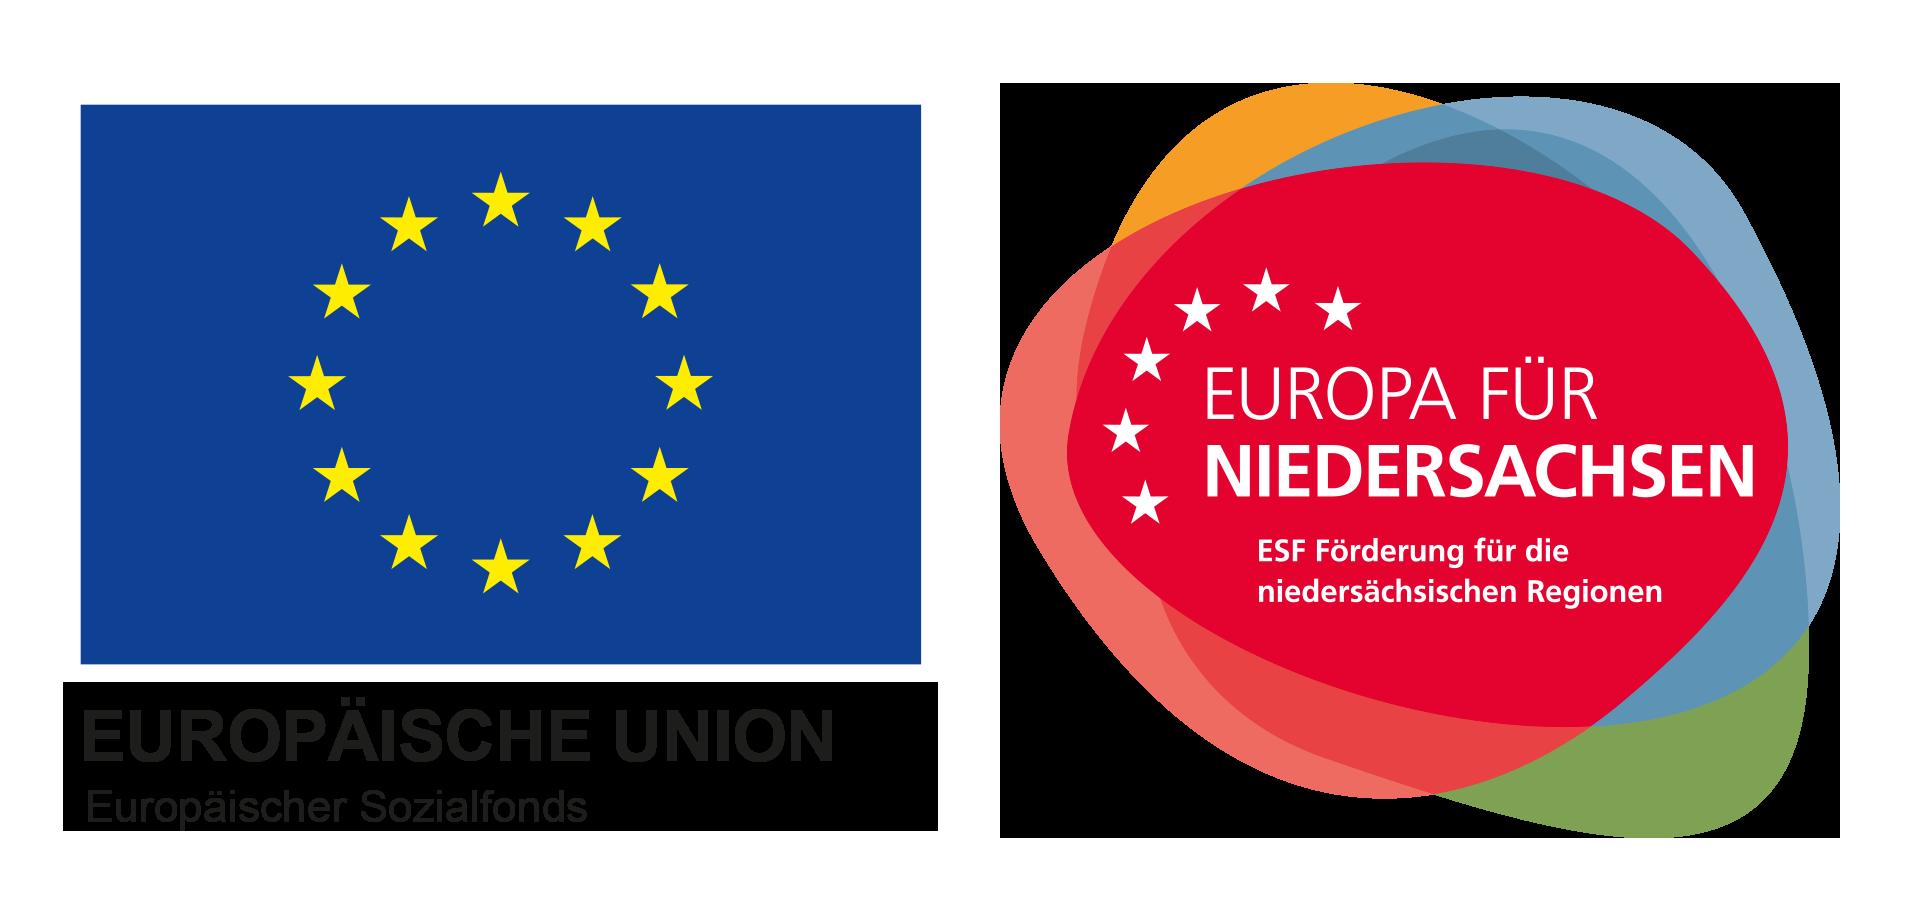 Baasen_EU_ESF_Förderung